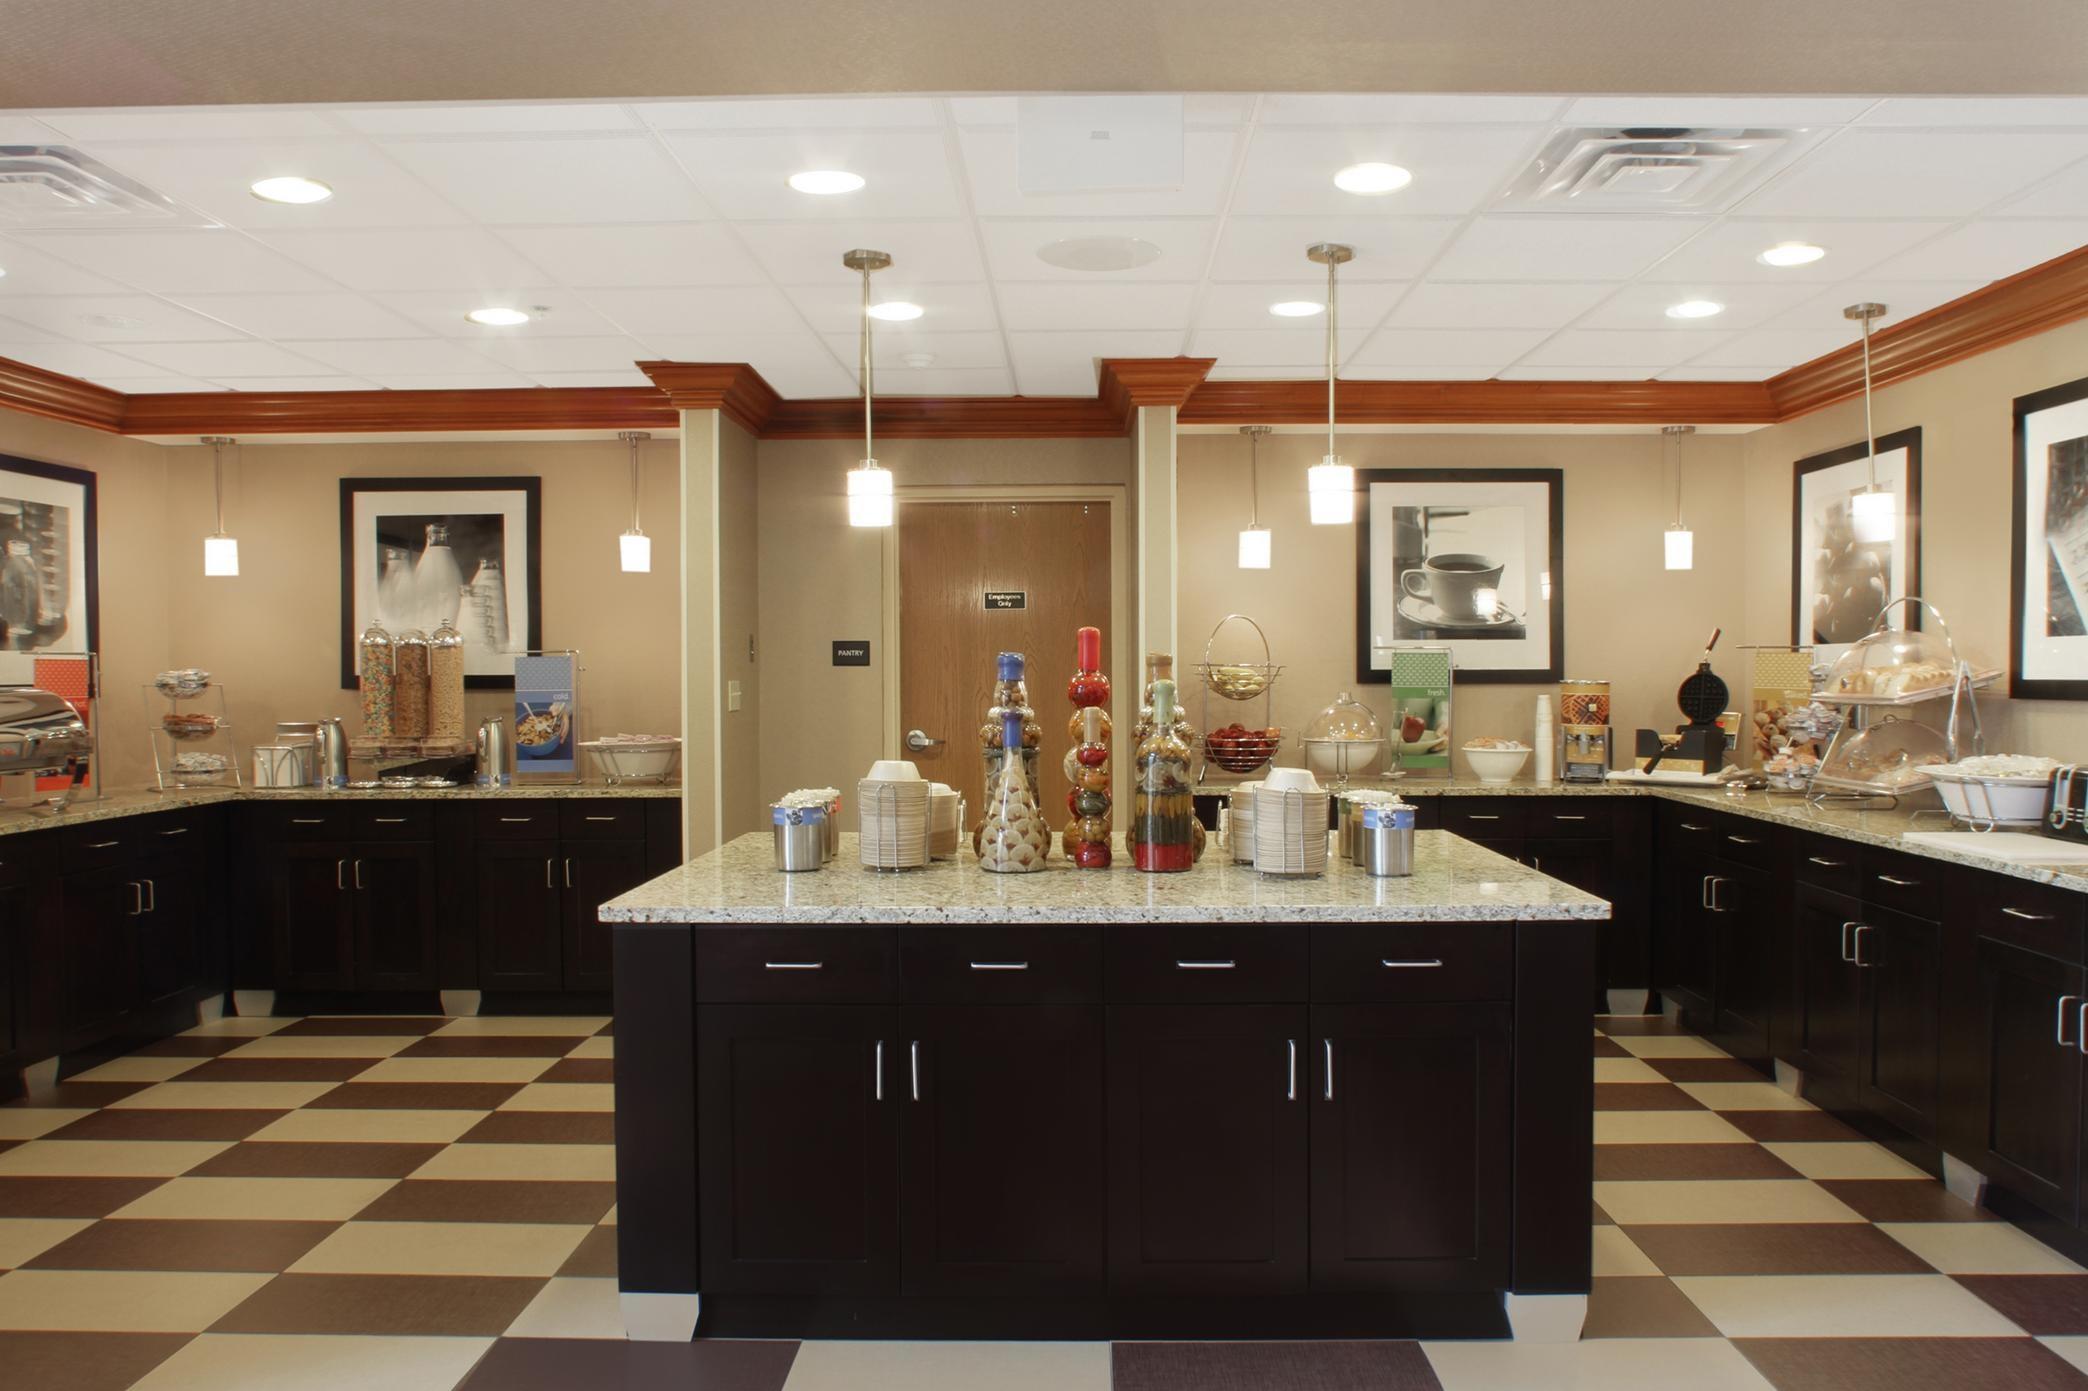 Hampton Inn & Suites Port St. Lucie, West image 8